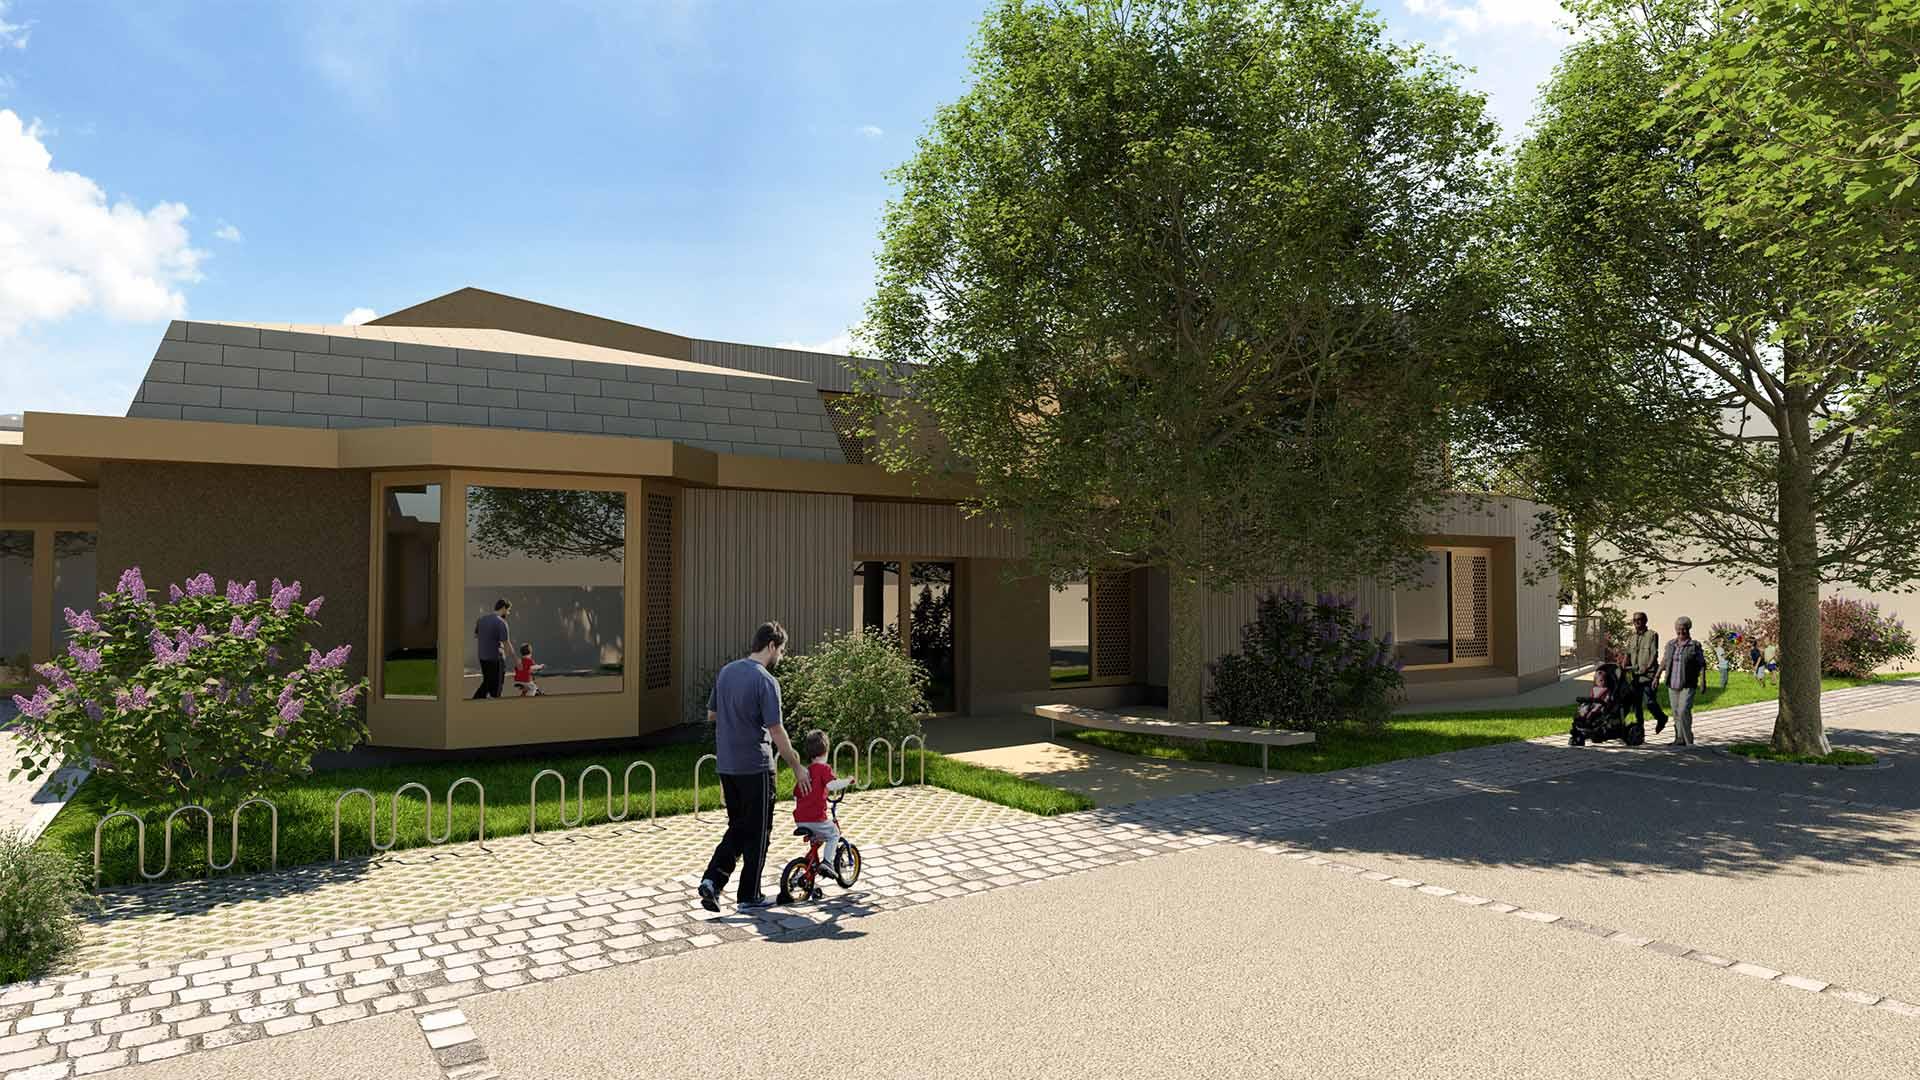 kindergarten zubau gänserndorf architektur